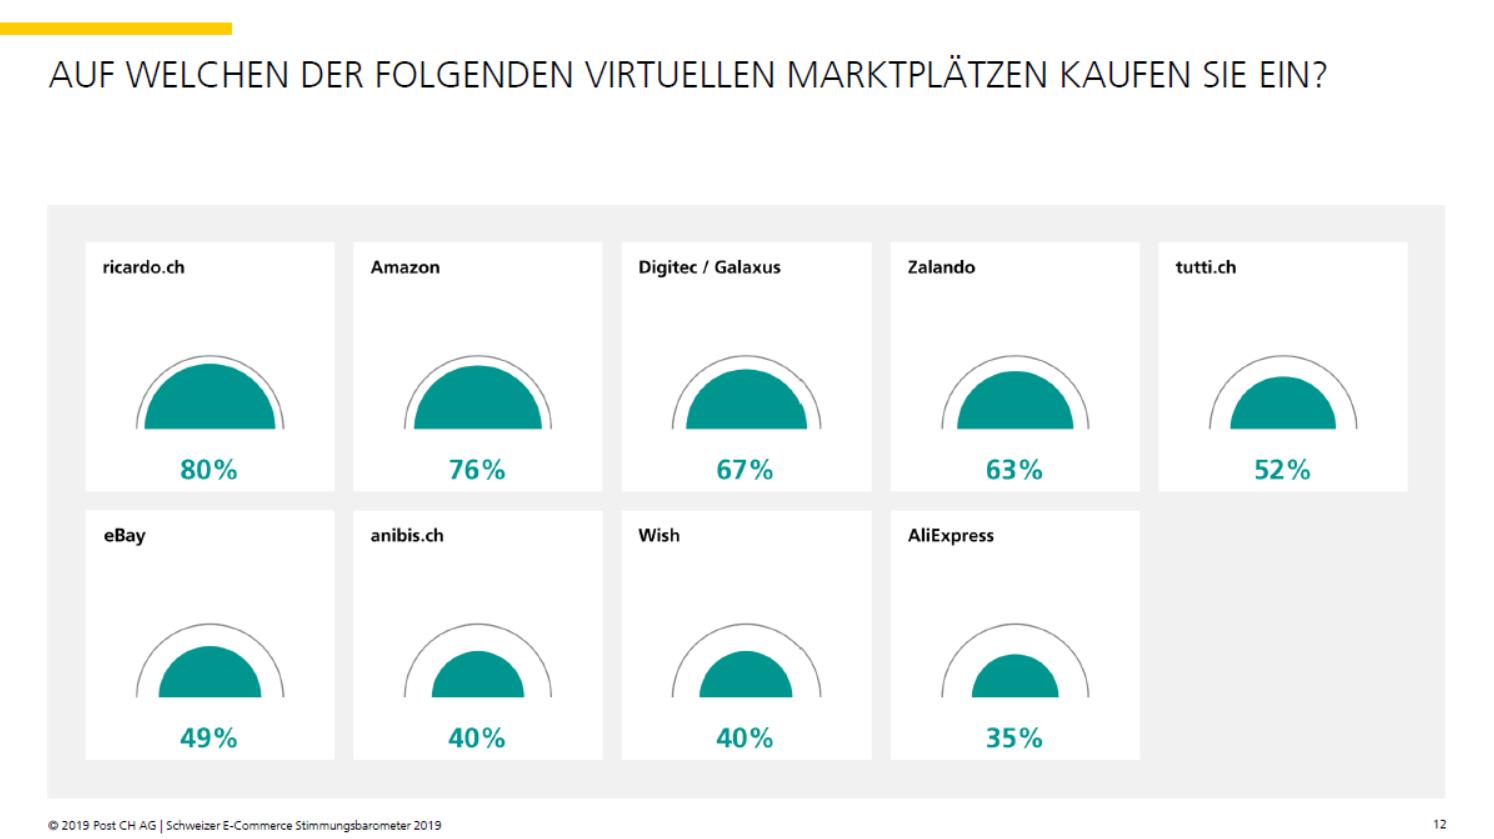 Bevorzugte Marktplätze der Konsumenten - Quelle: E-Commerce Stimmungsbarometer 2019